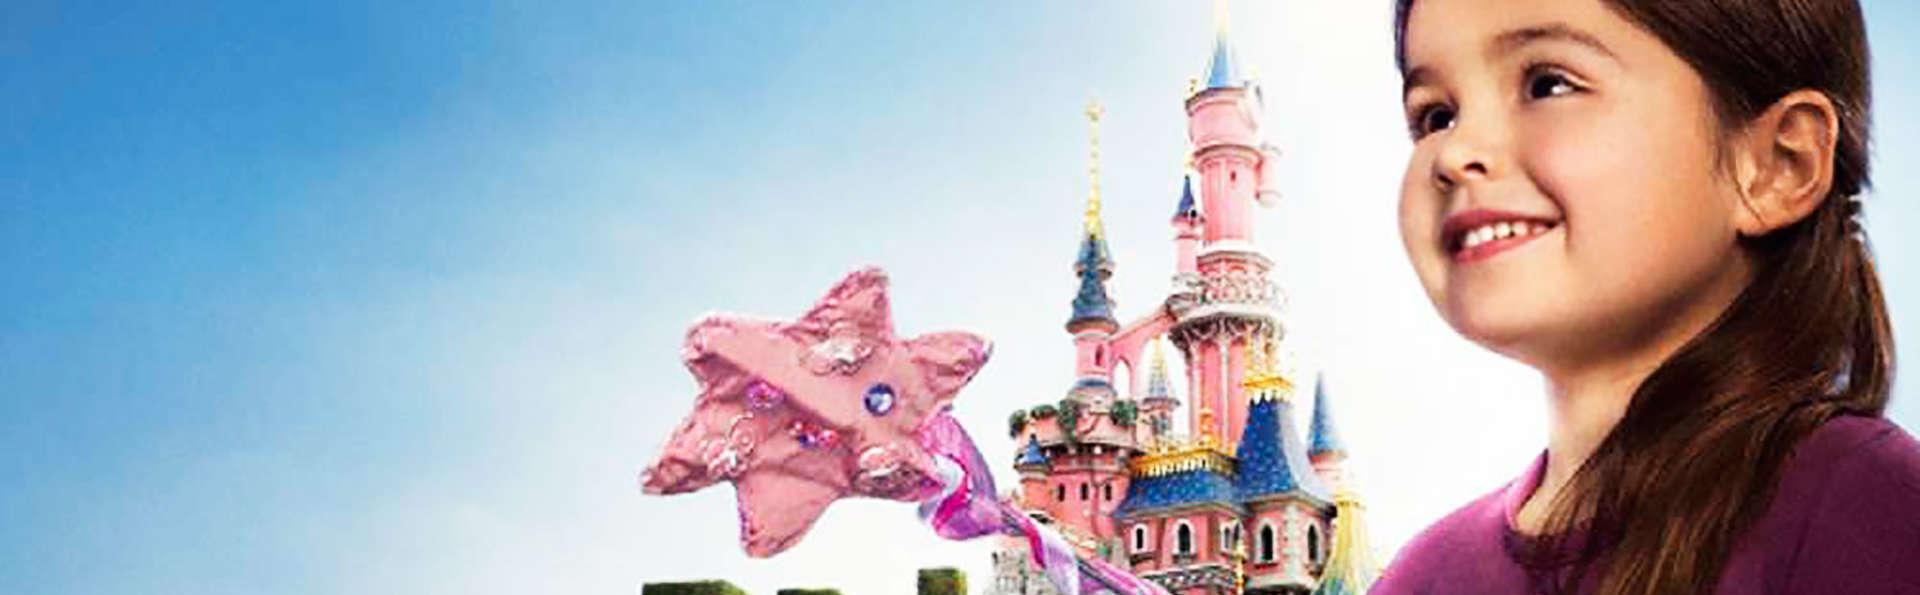 Week-end détente avec accès aux 2 Parcs Disneyland® Paris (1 Jour / 2 Parcs)